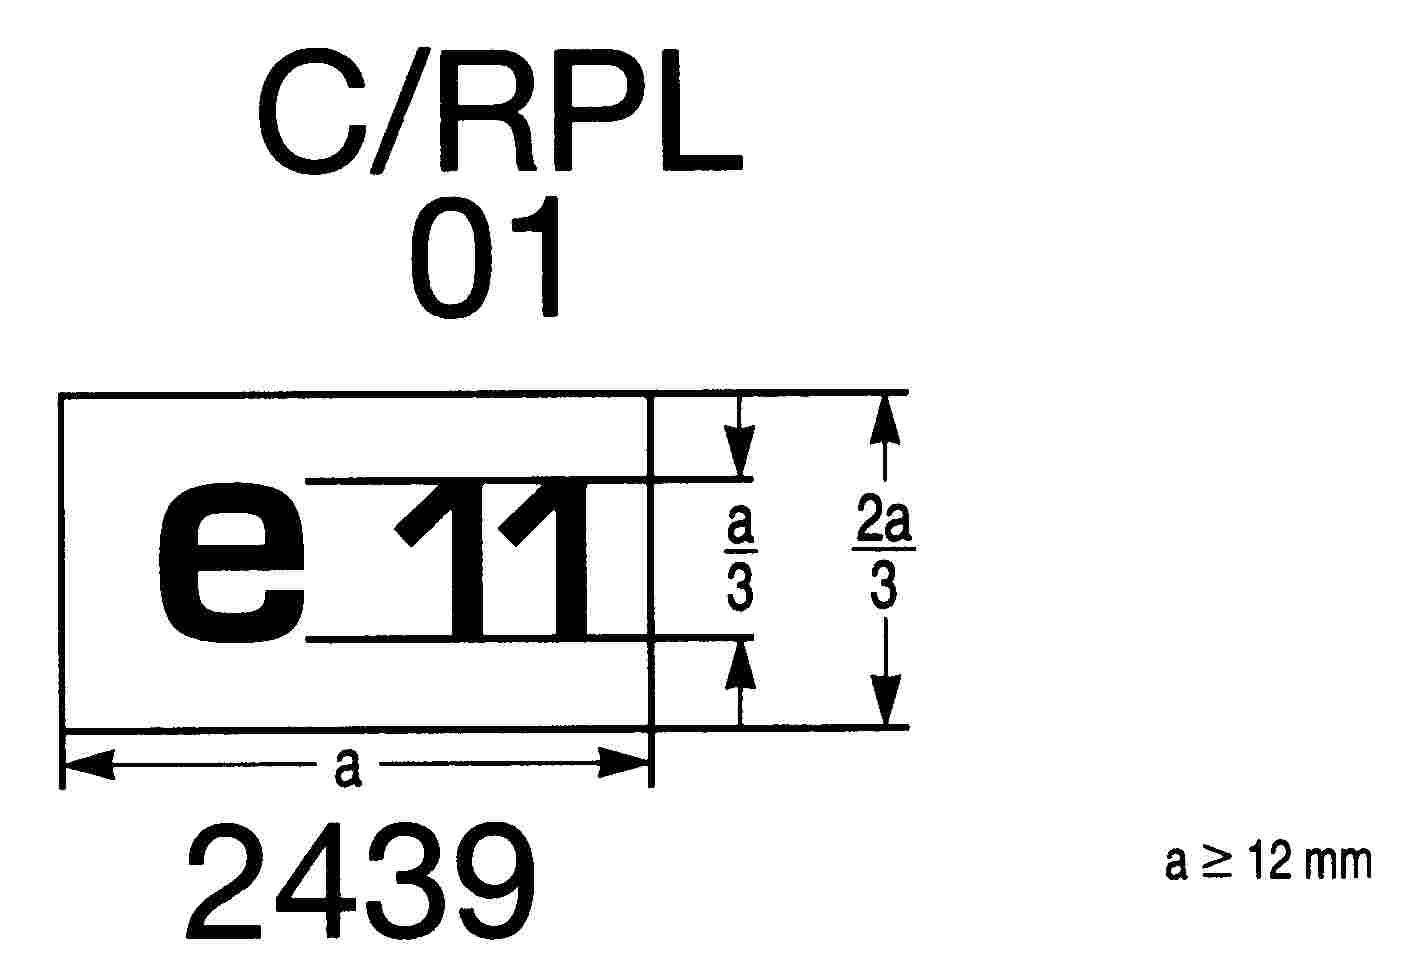 Eur Lex 01997l0024 20131211 En Photocell Based Night Light By Ua741 Figure 14